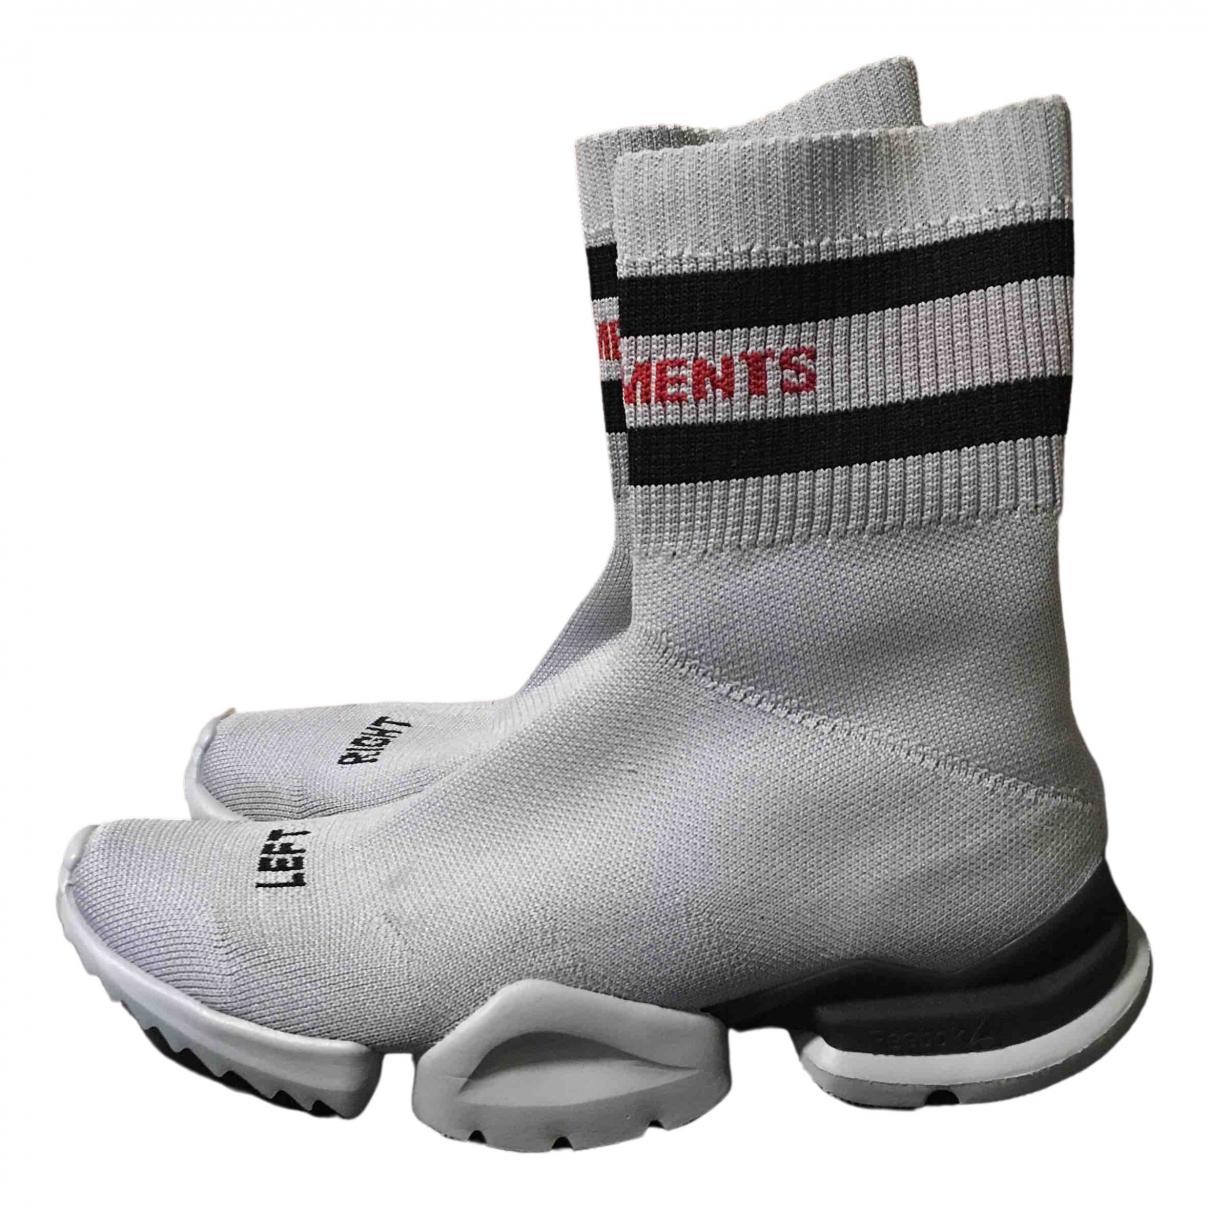 Reebok X Vetements \N Sneakers in  Grau Polyester